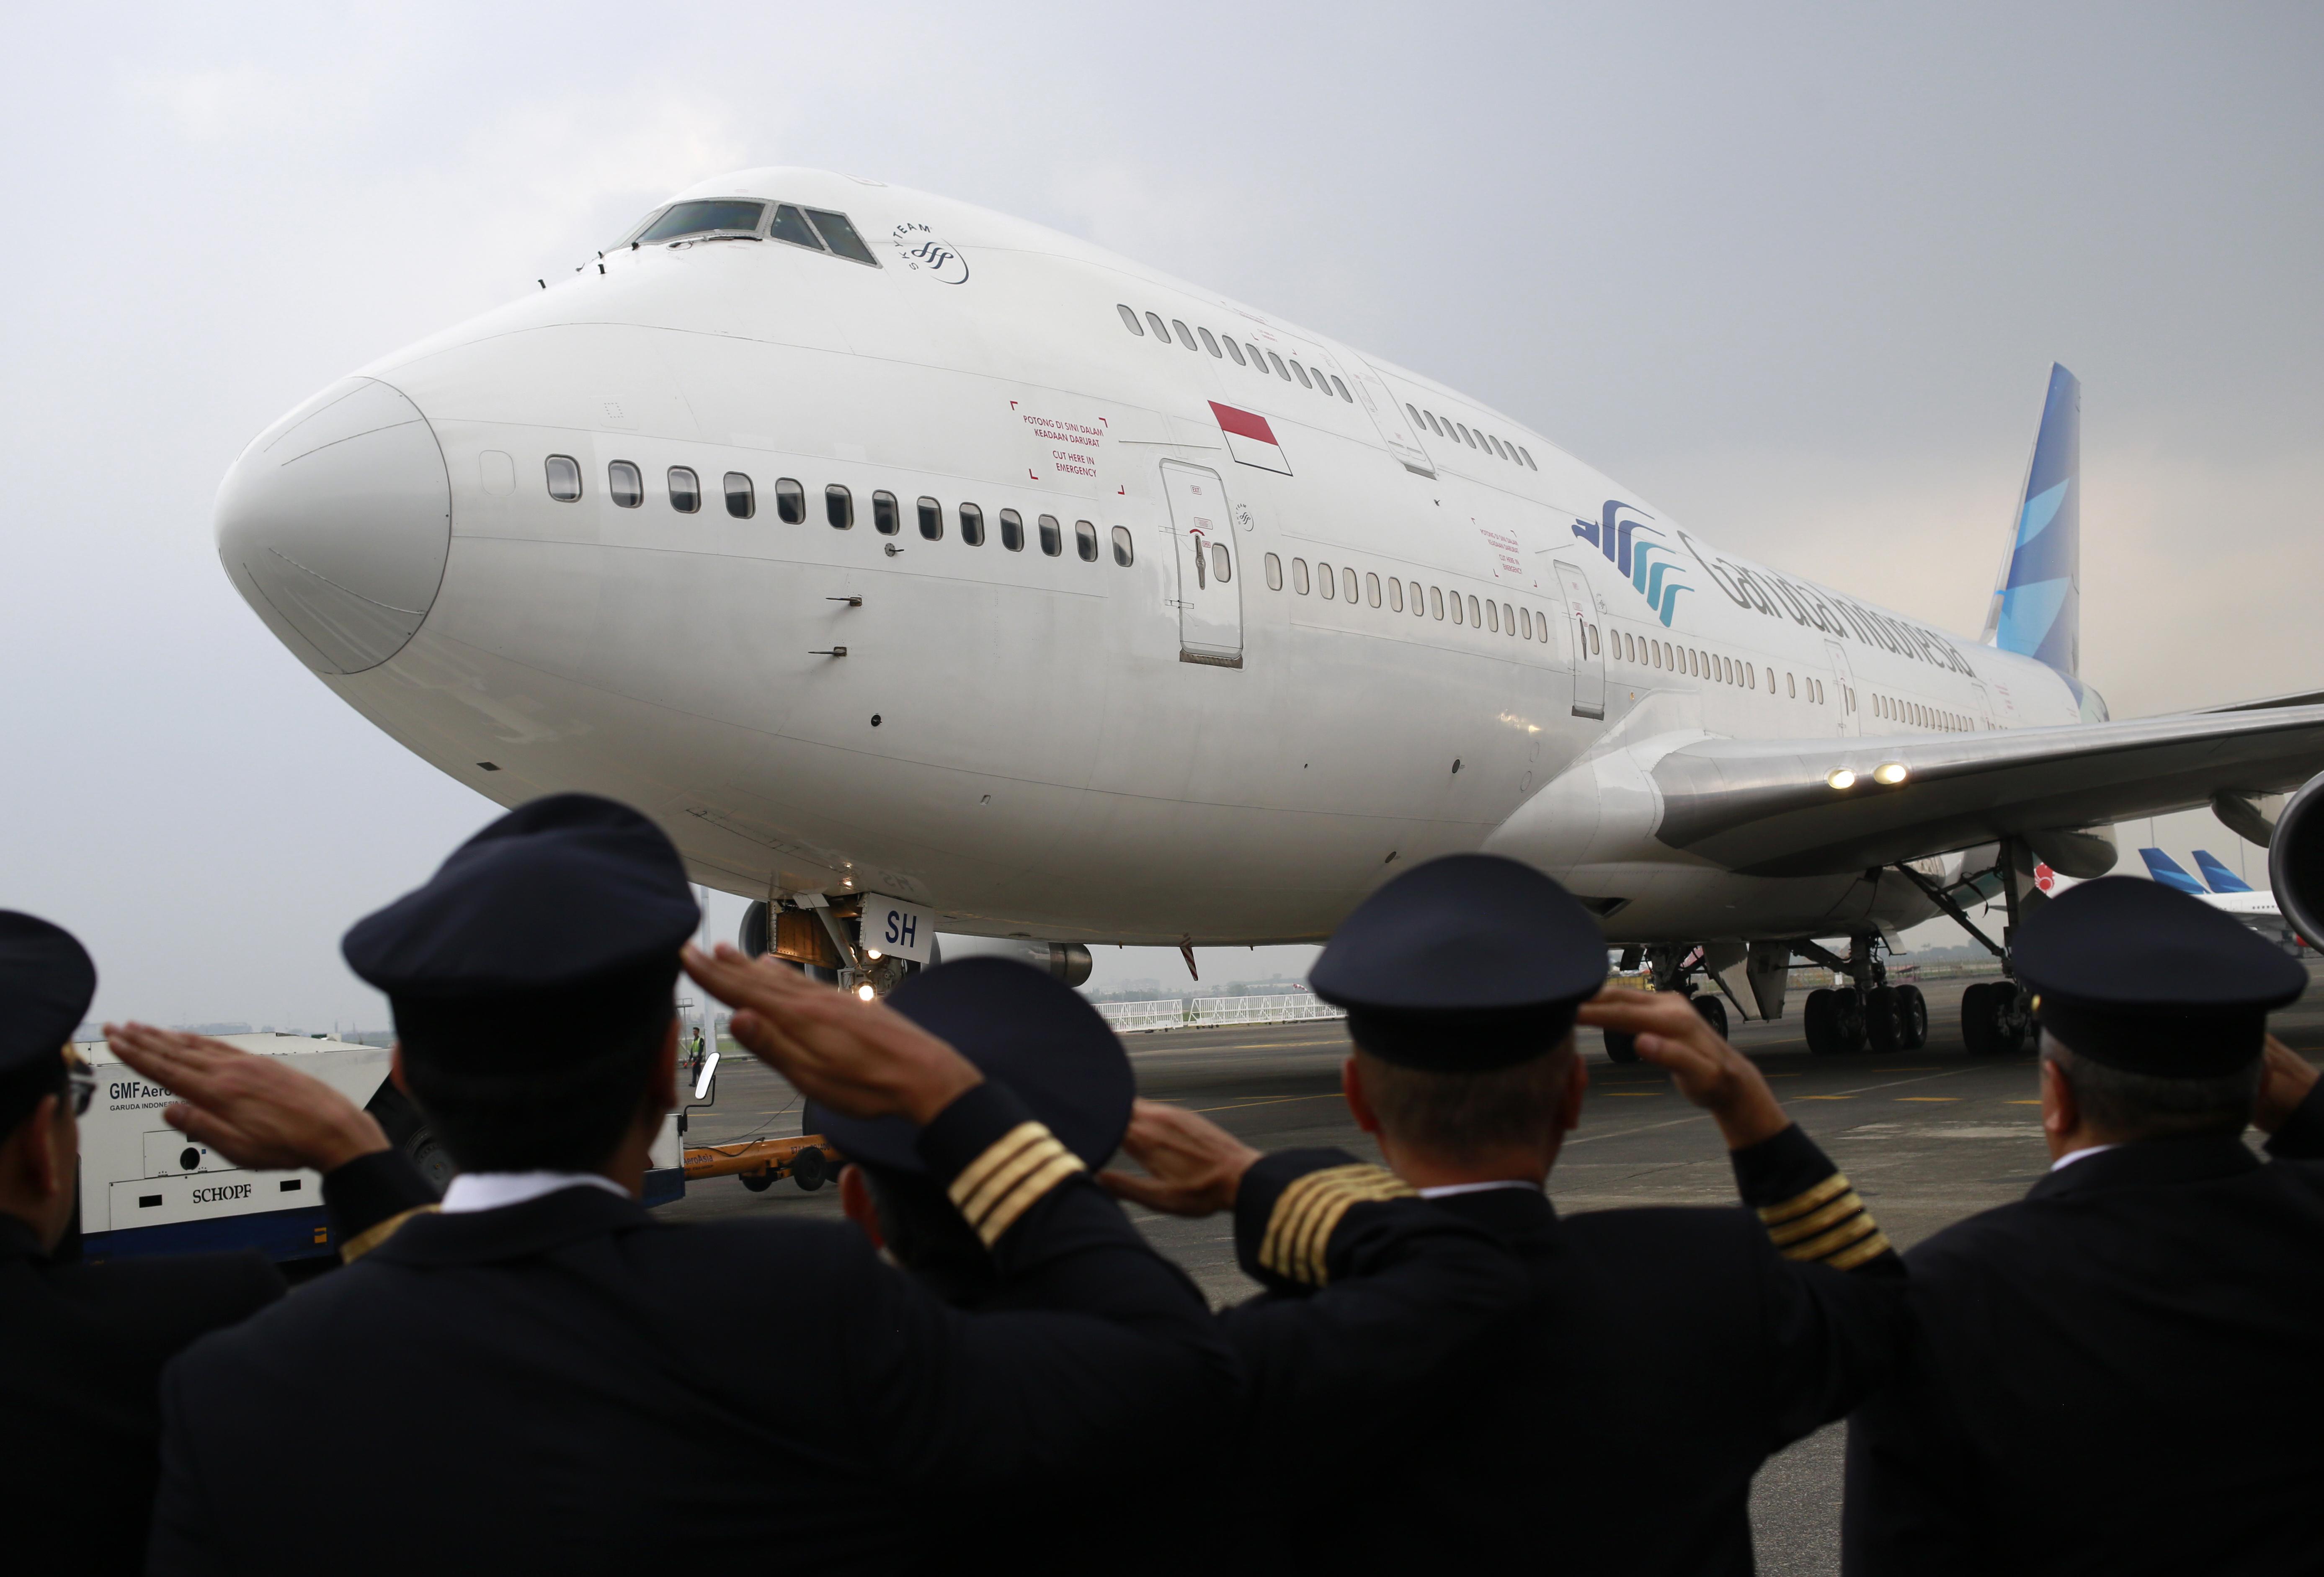 Garuda Indonesia bid farewell to the Boeing 747